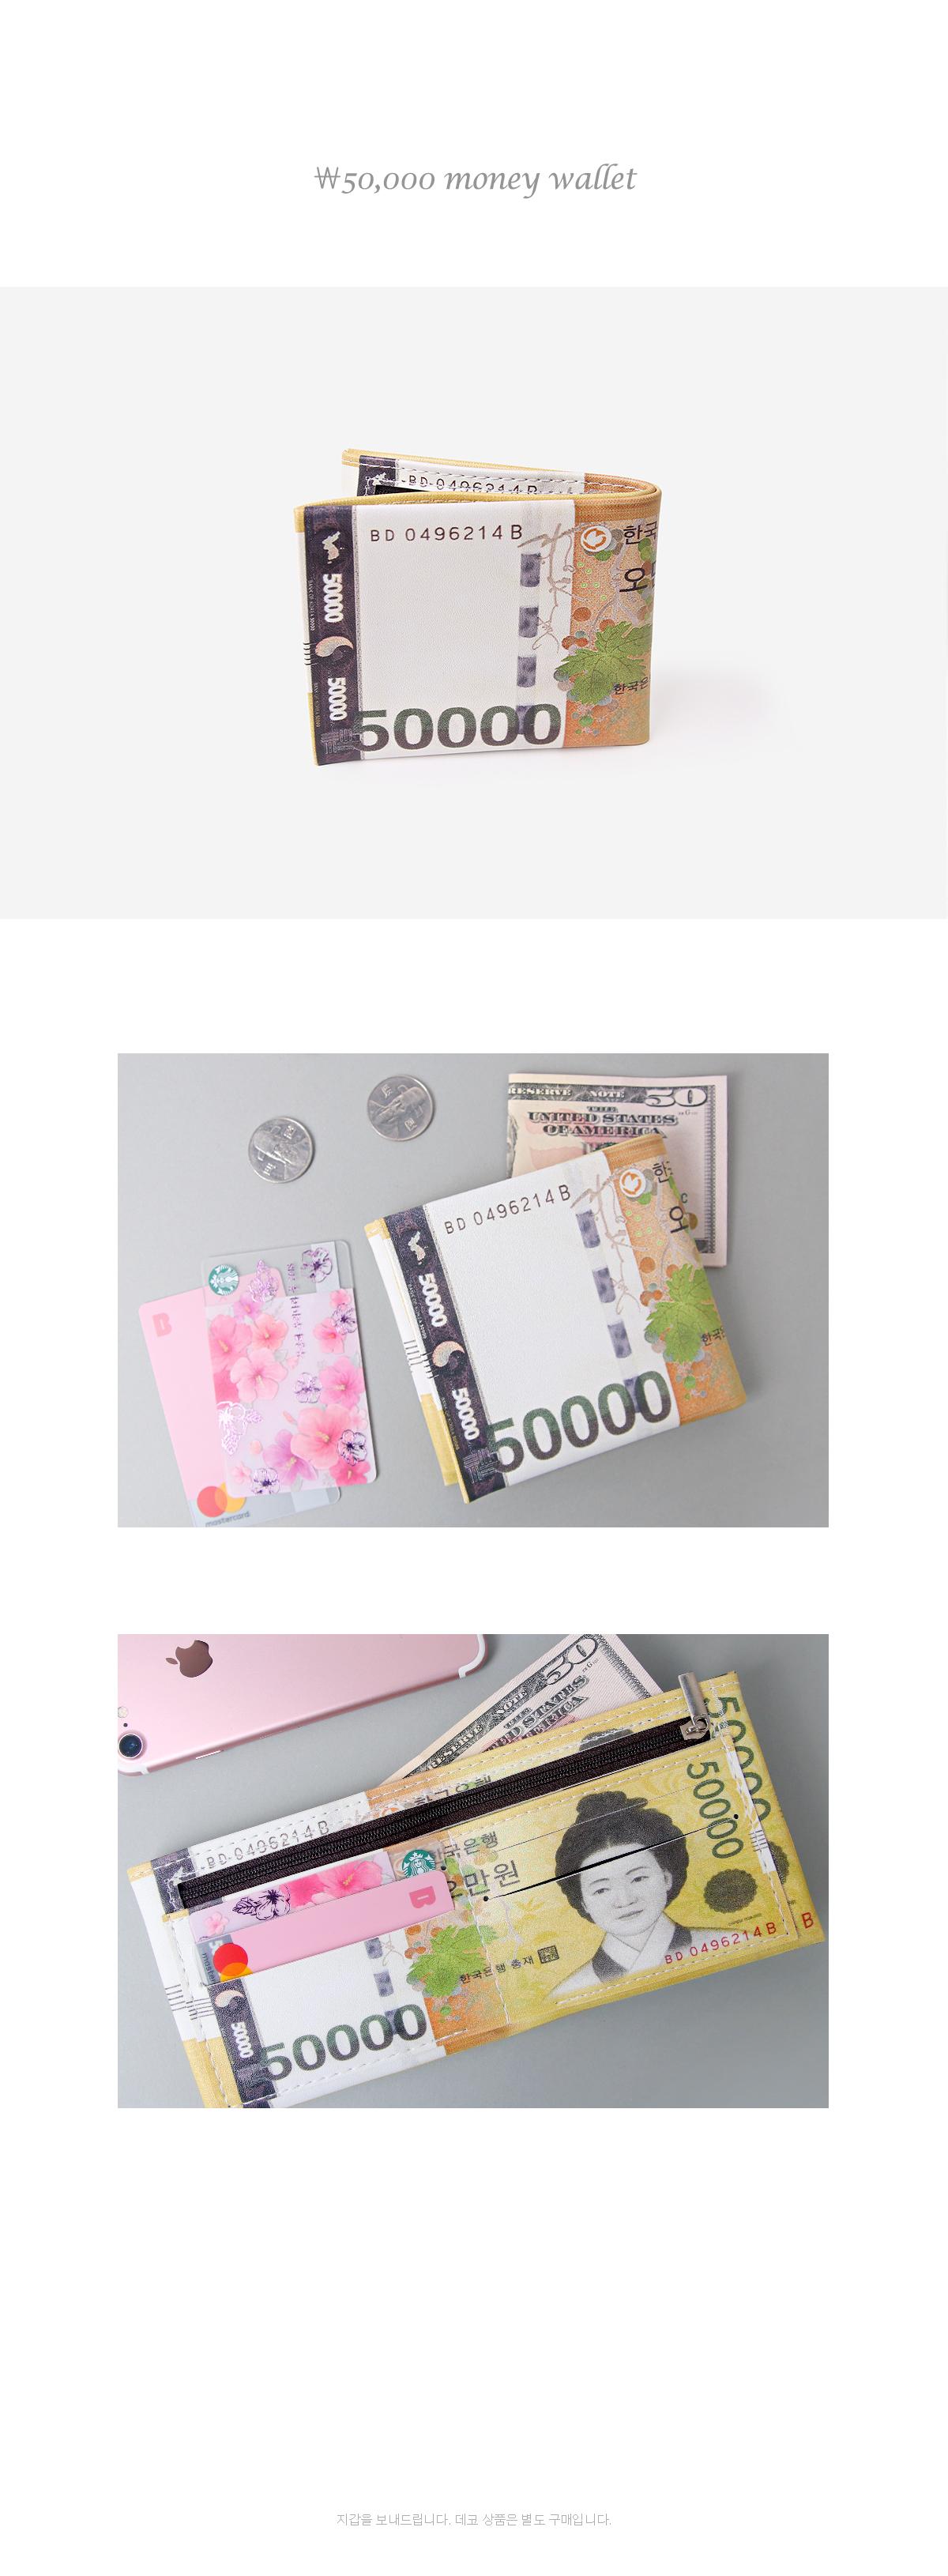 돈을 부르는 오만원 지갑 - 인디고샵, 9,500원, 아이디어 상품, 아이디어 상품